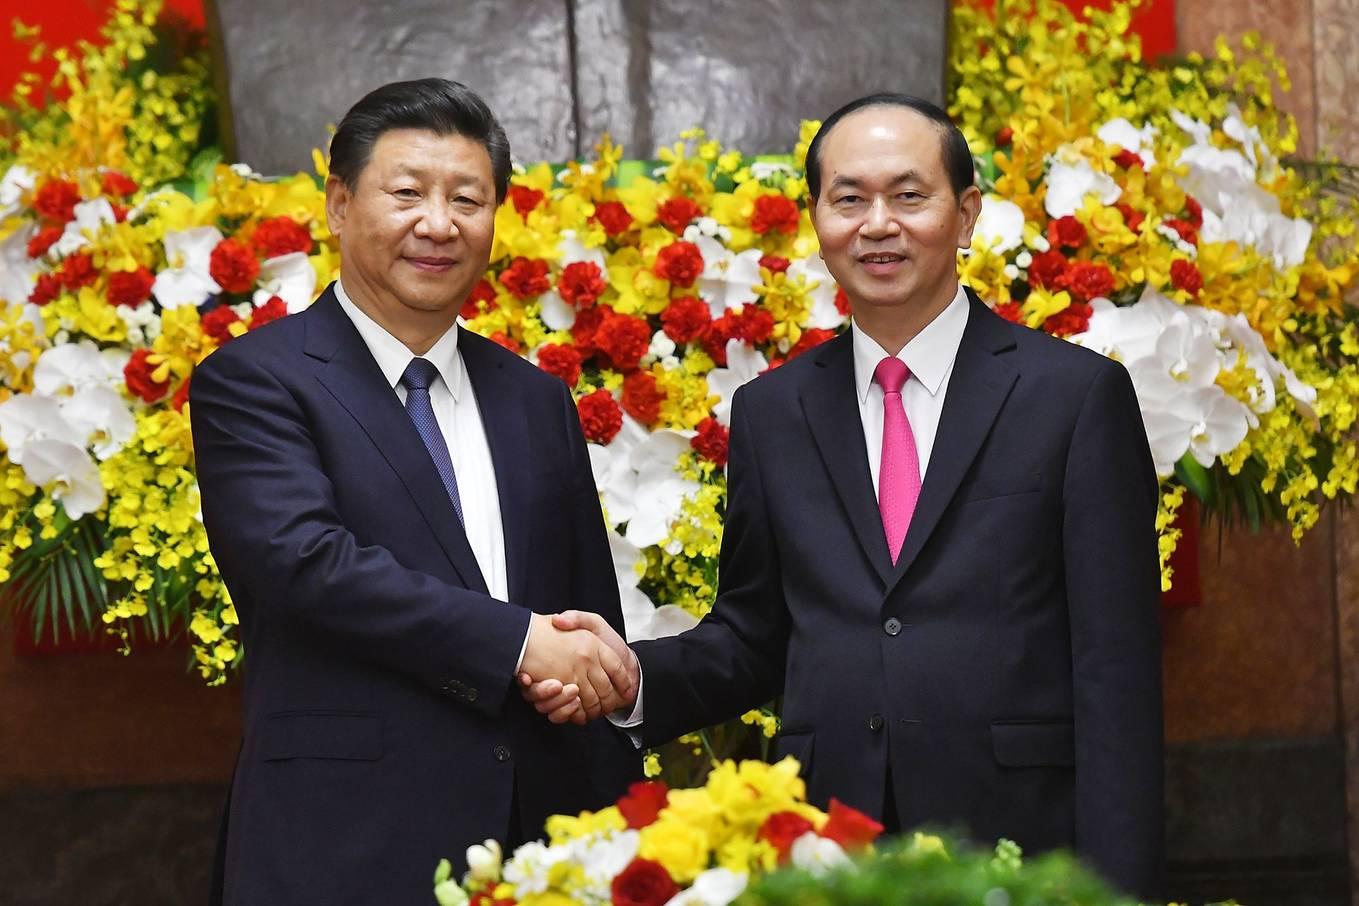 Những hình ảnh ấn tượng của Chủ tịch nước Trần Đại Quang qua các sự kiện 7